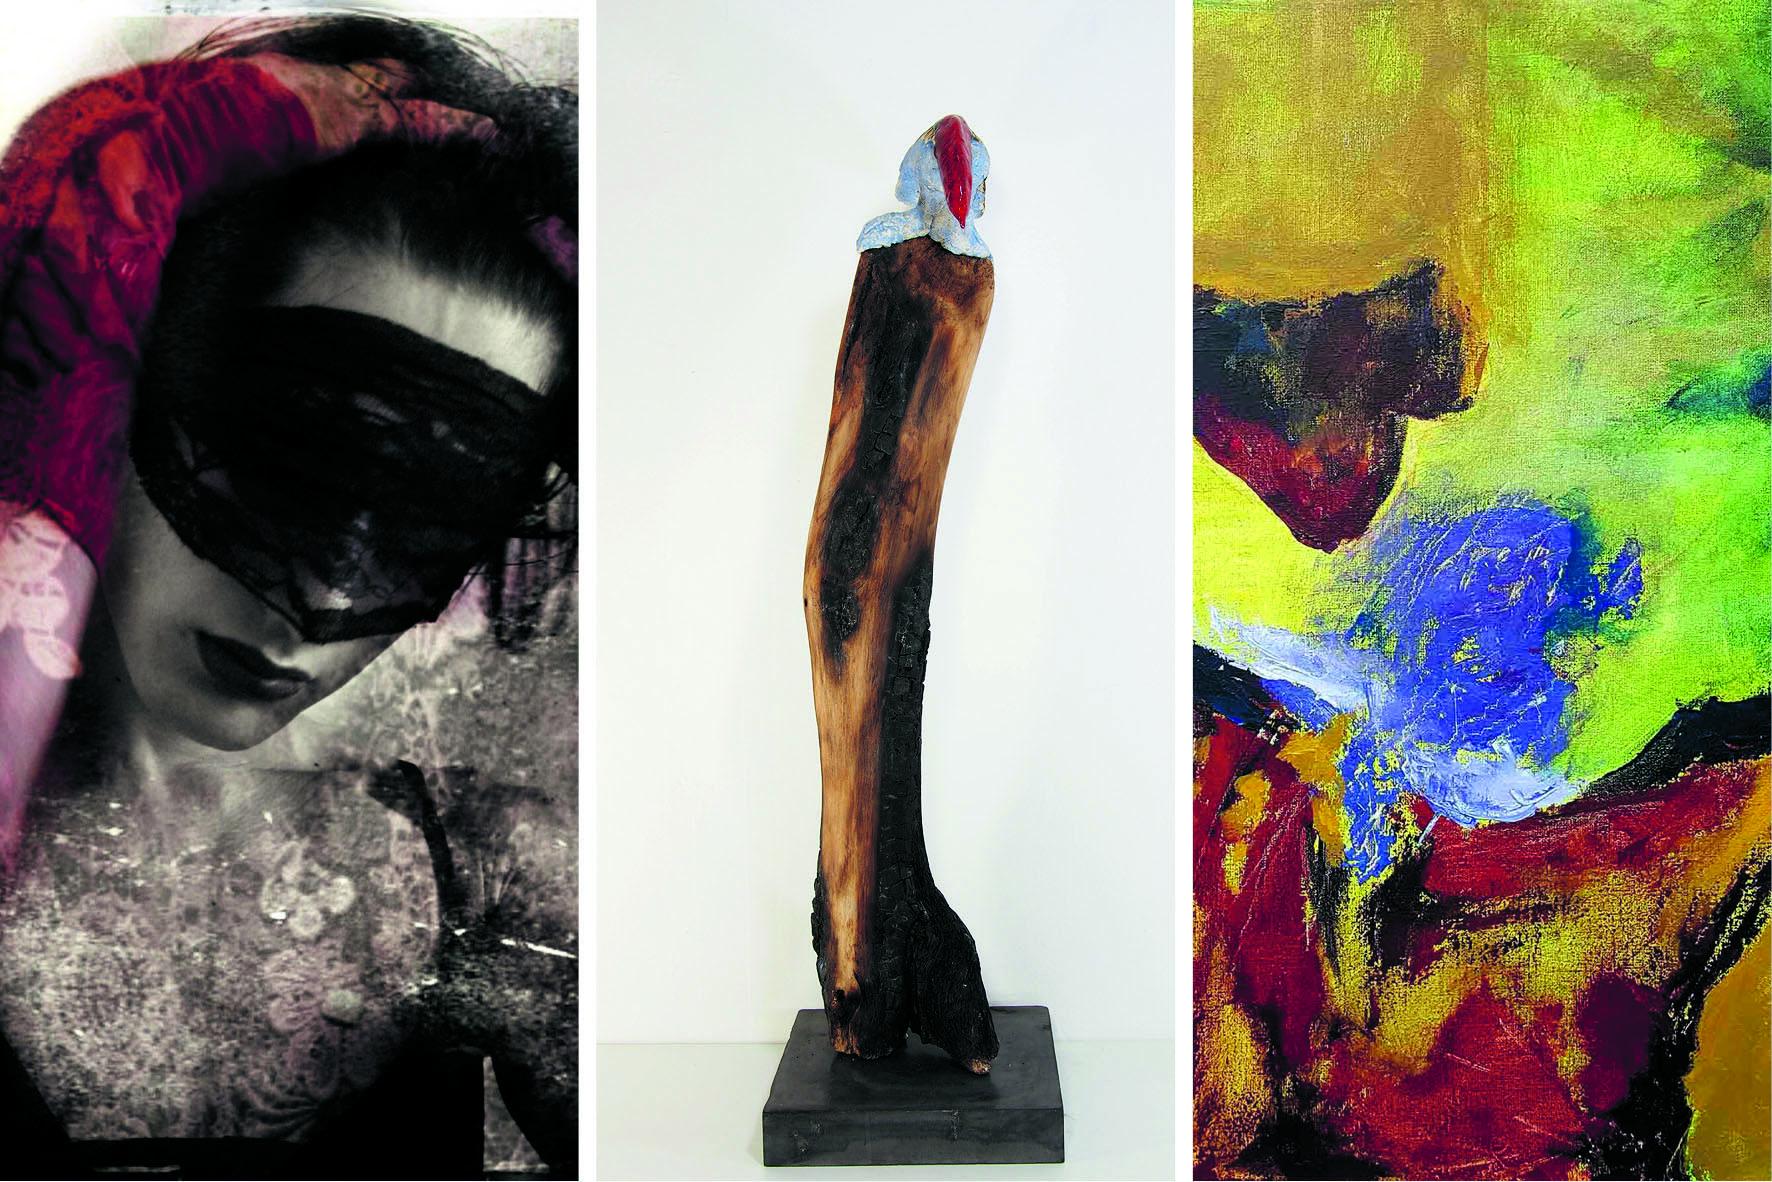 Impressie van de expositie 'Of je het ziet...' (Foto: Het Weefhuis)